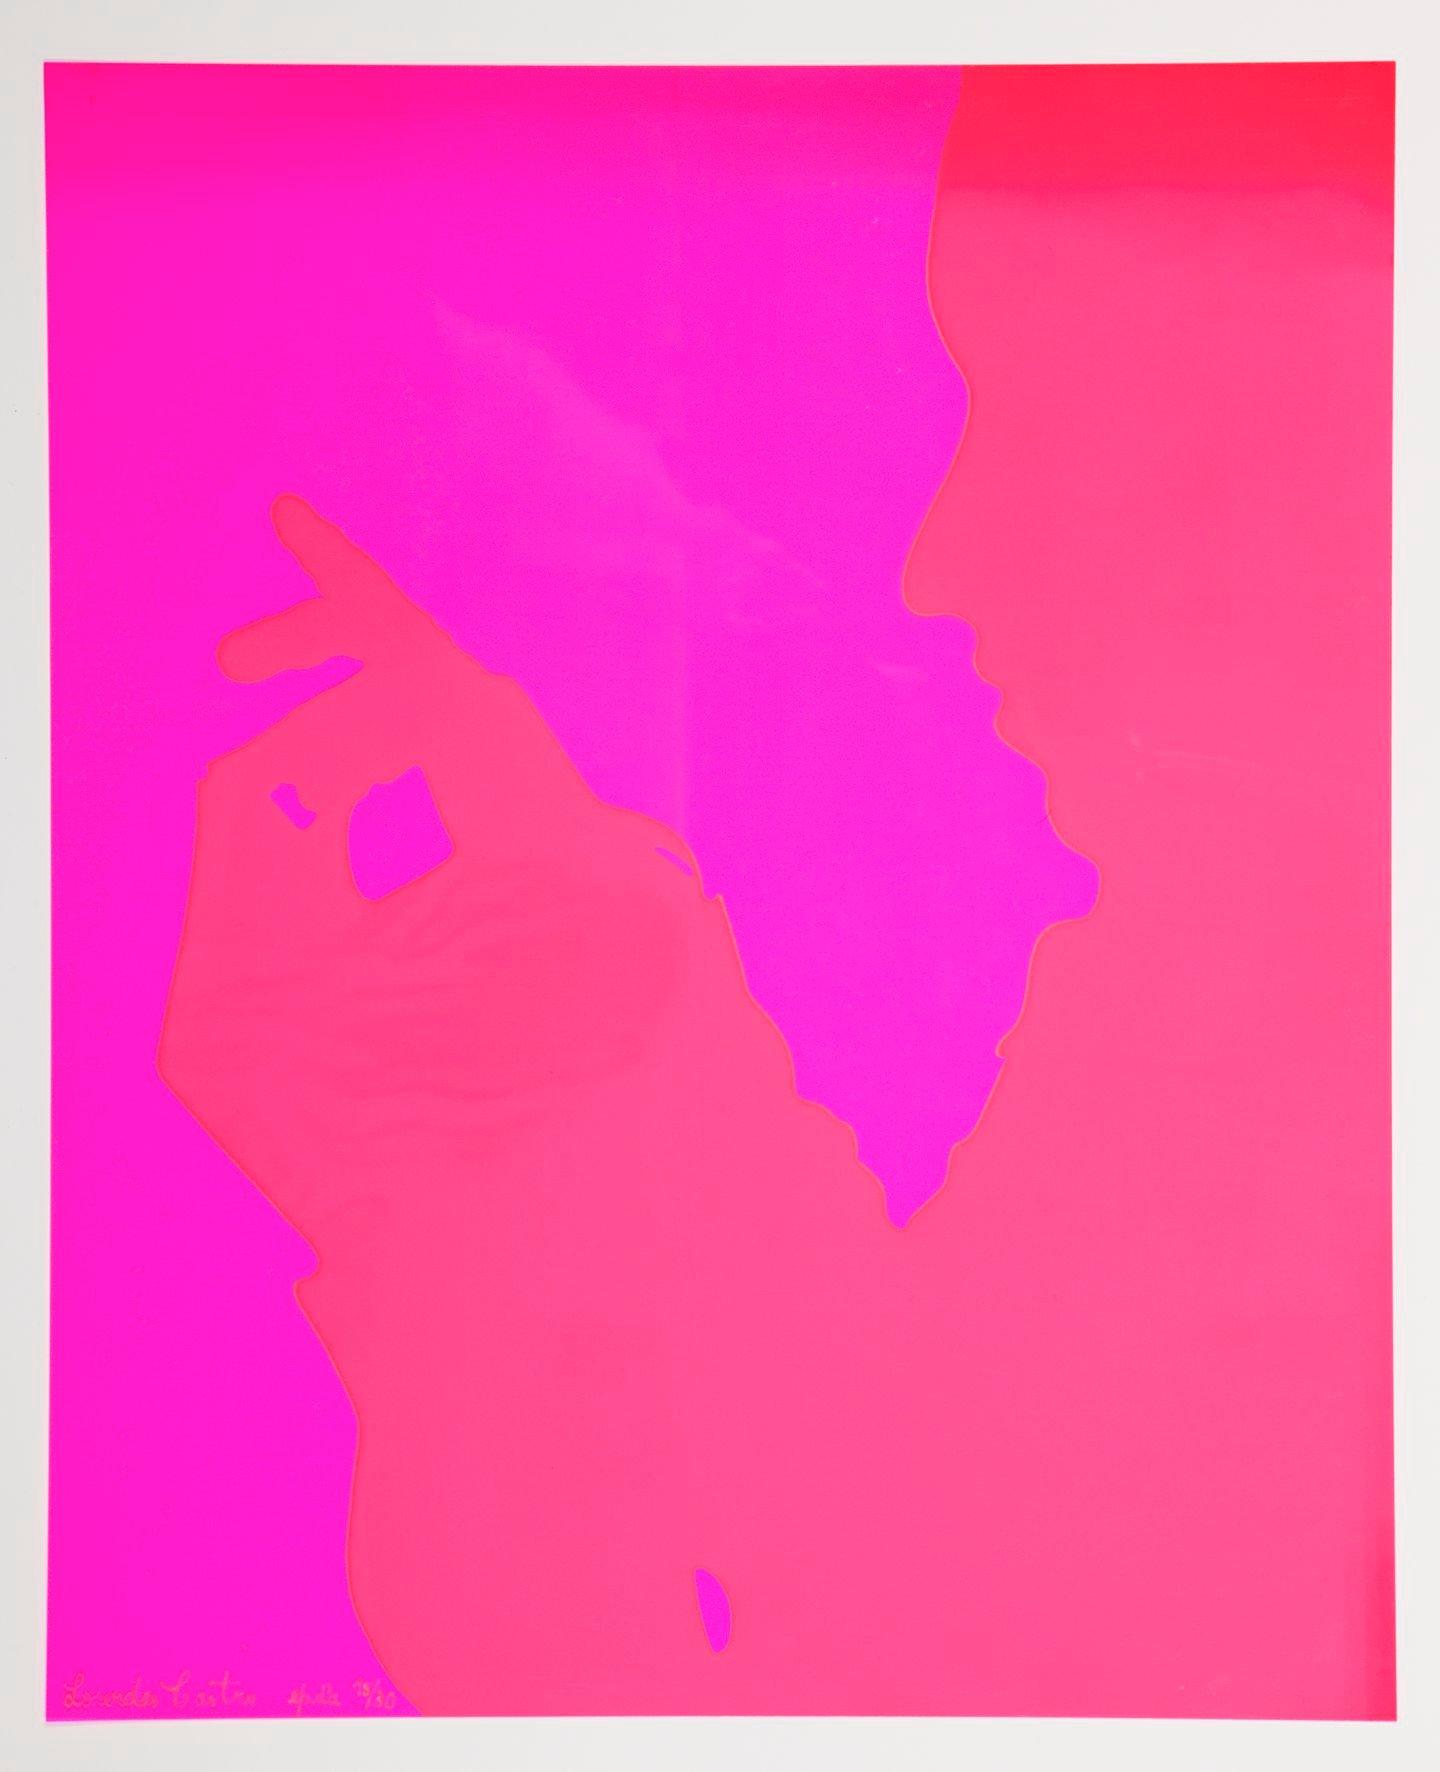 Sombra Projectada-Serigrafia em rodhoïd rosa fluor. Coleção da artísta